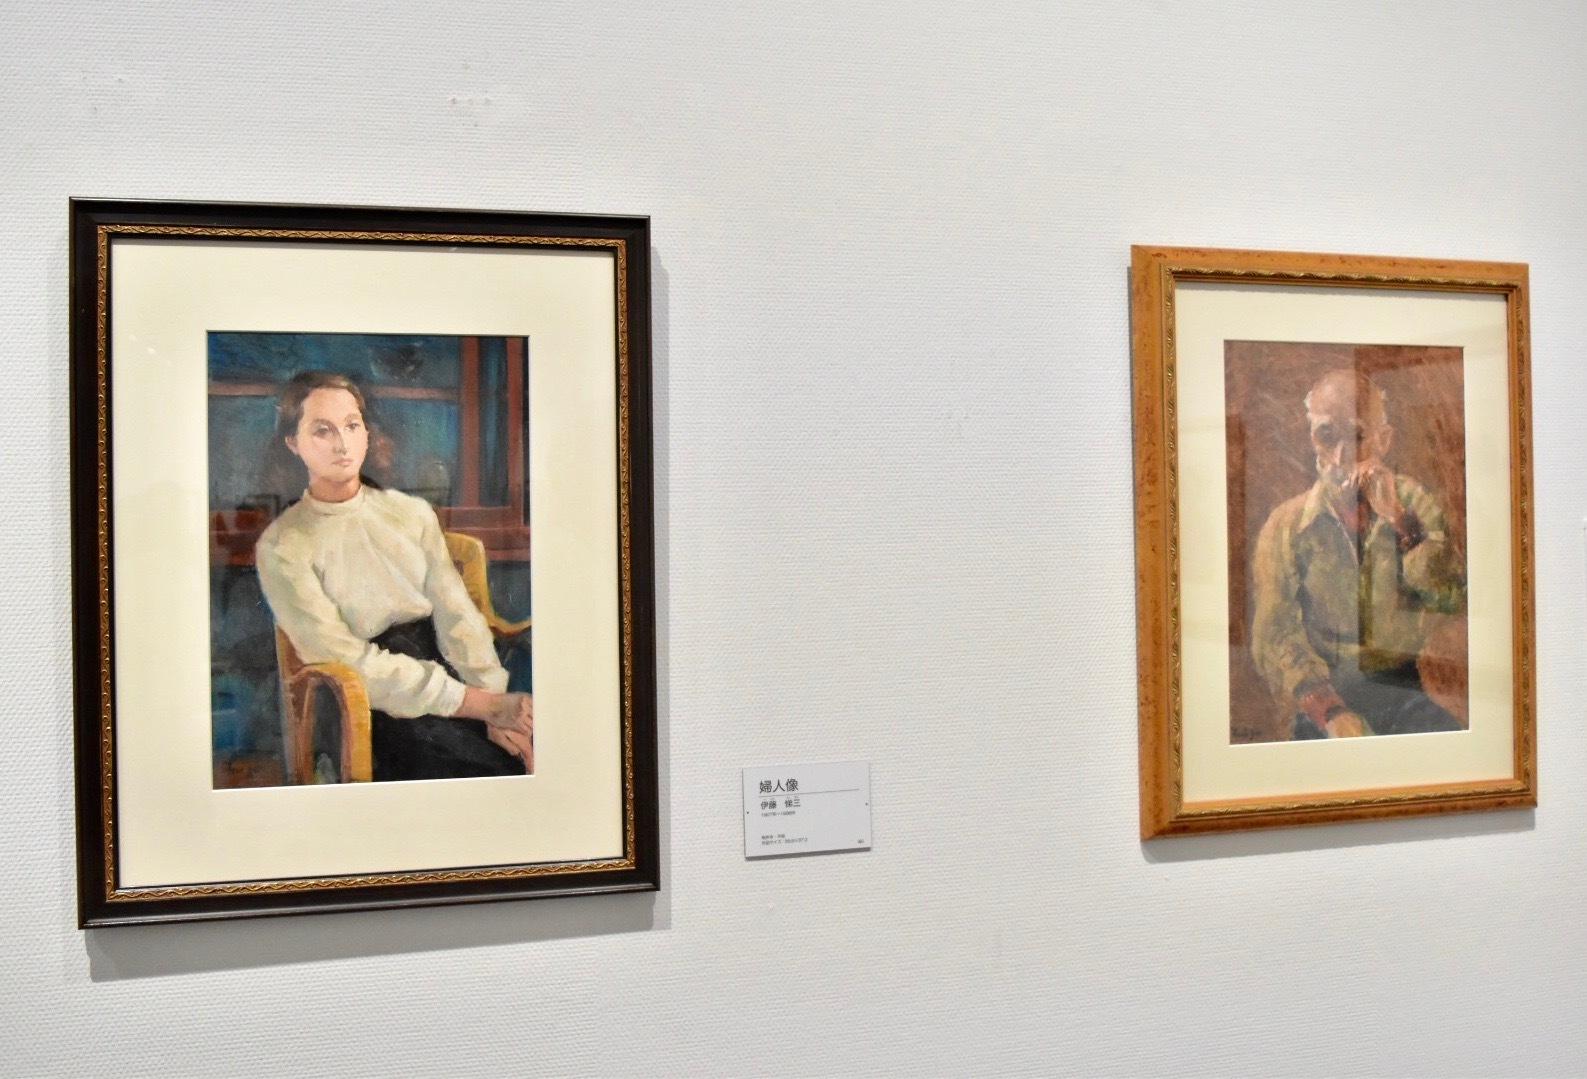 左:伊藤悌三 《婦人像》制作年不明 右:伊藤悌三 《老人》制作年不明